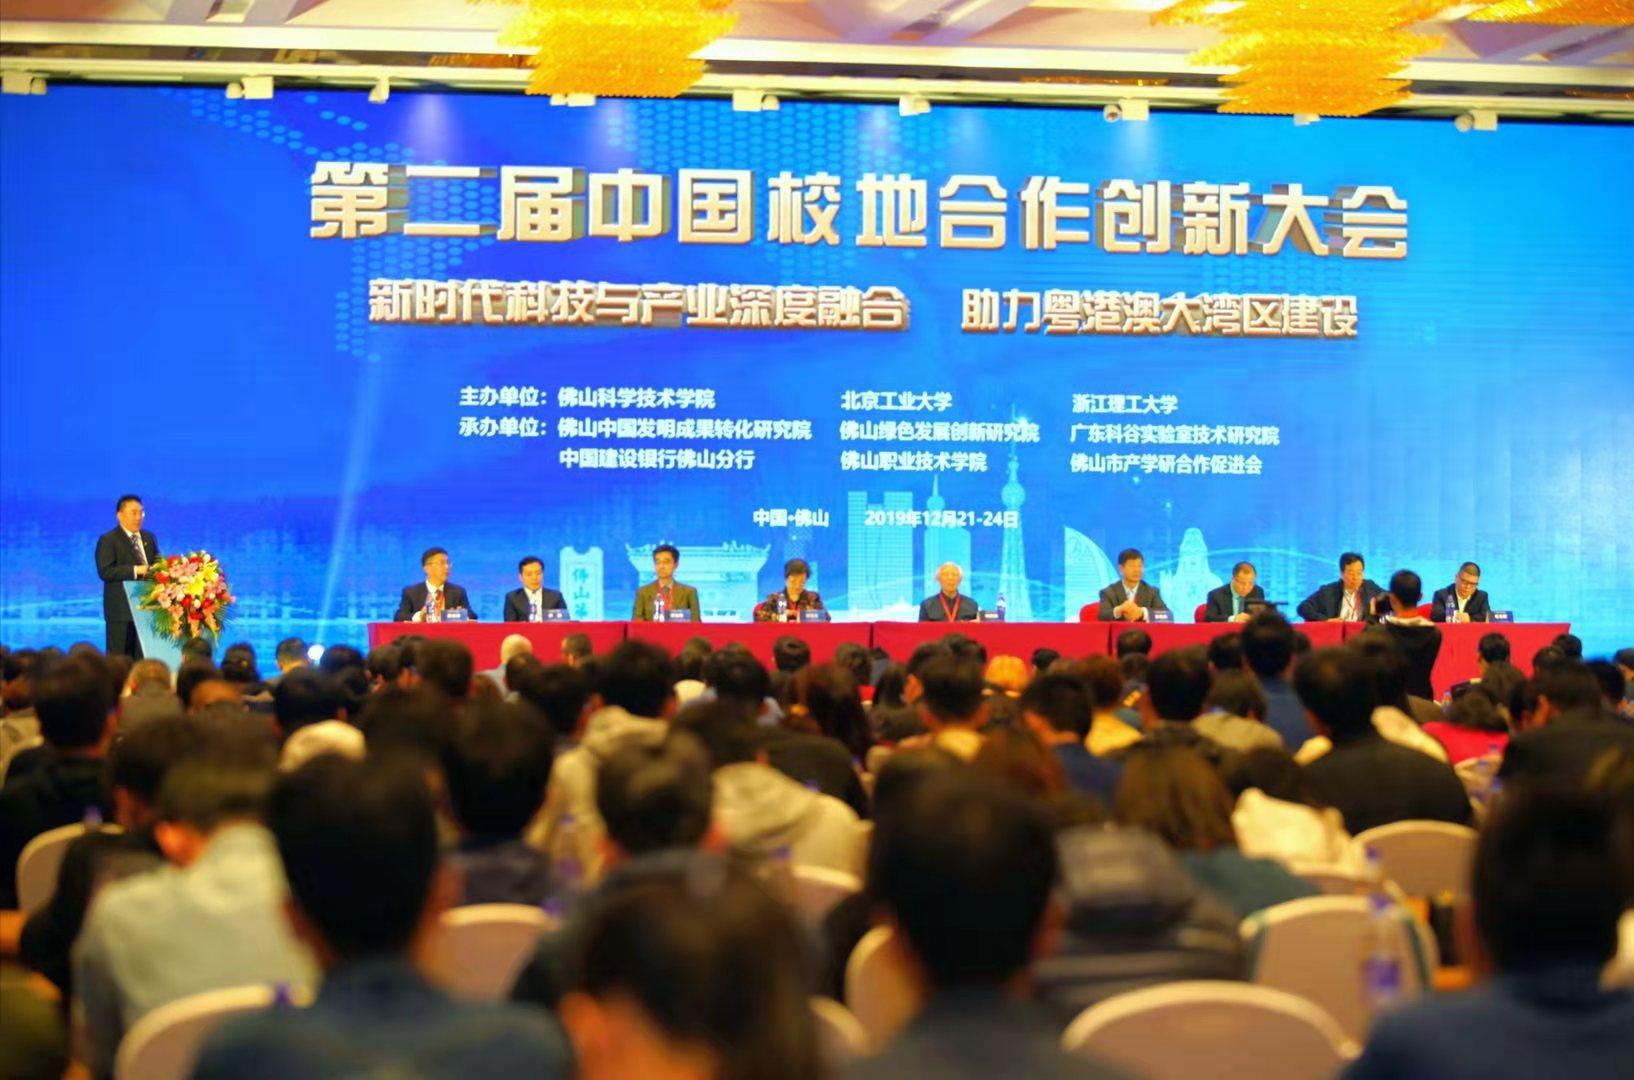 中国校地合作联盟成立 助推粤港澳大湾区建设